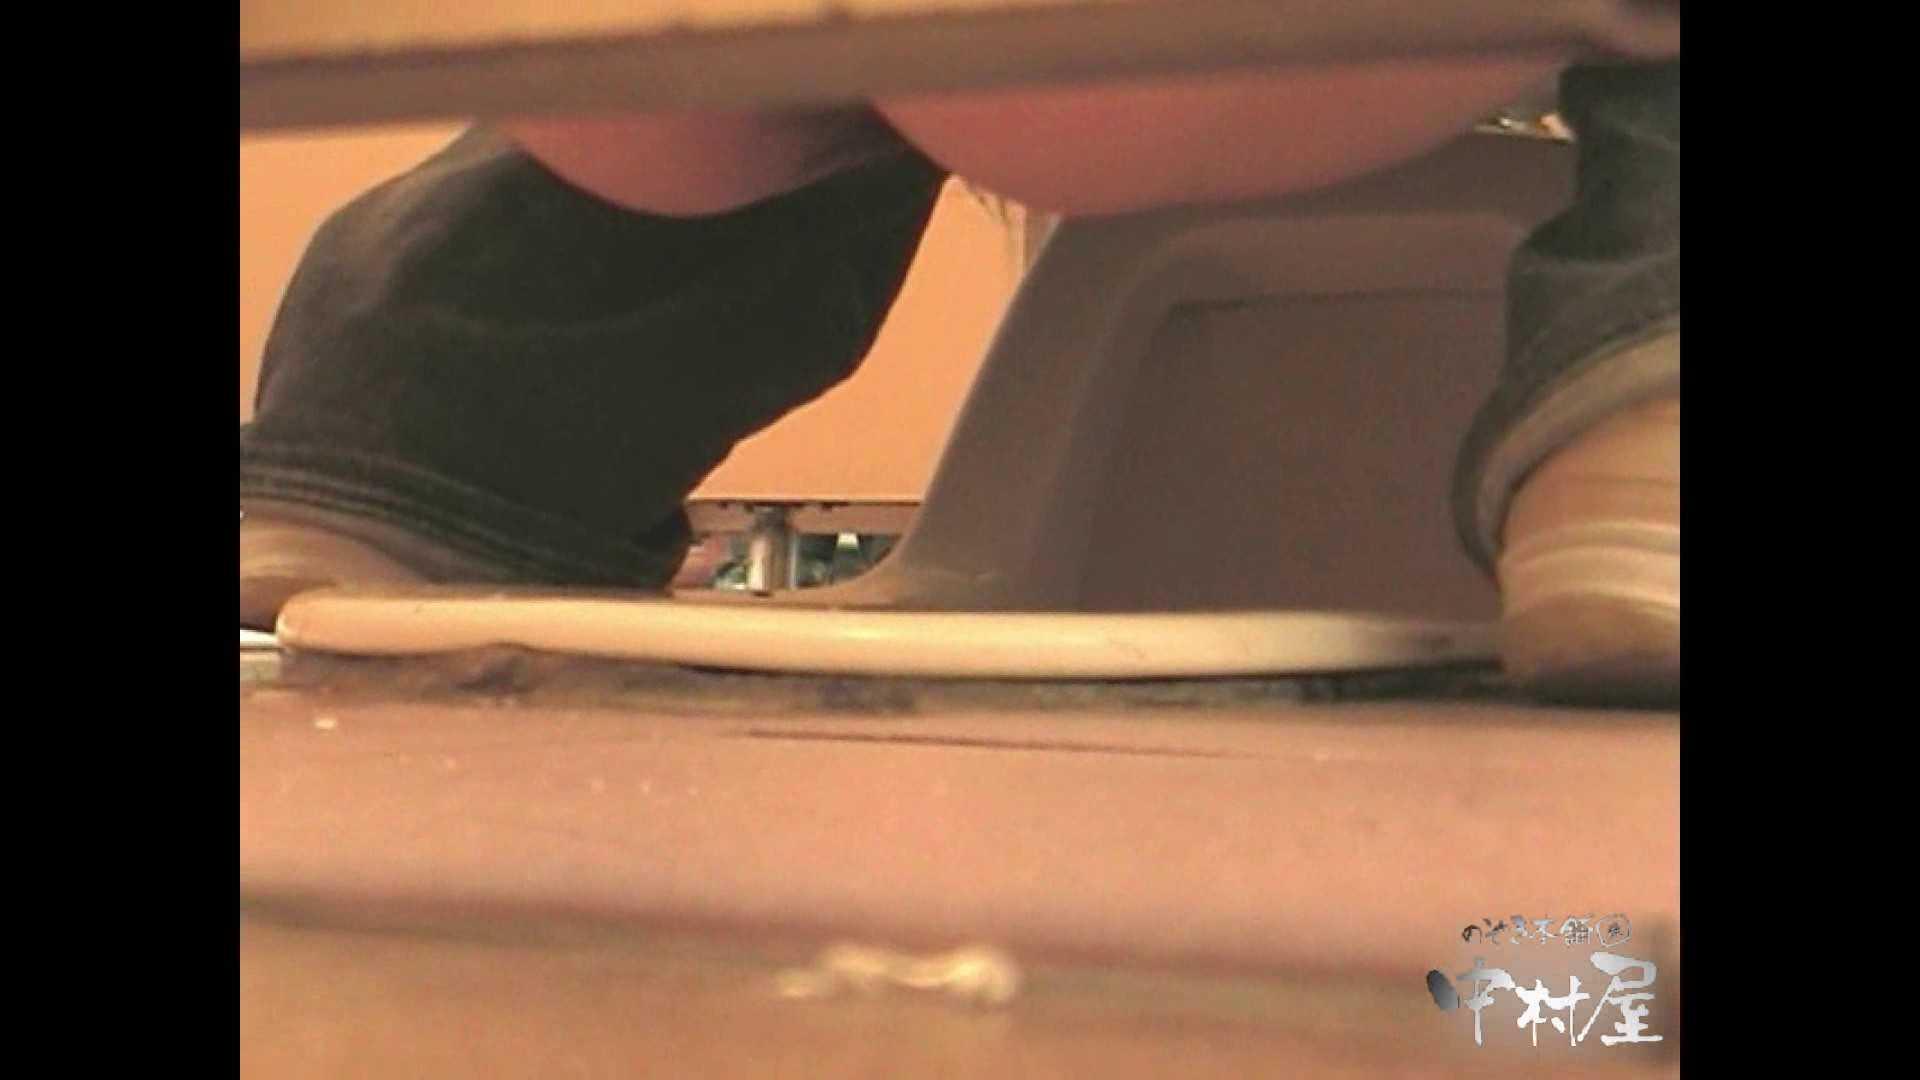 岩手県在住盗撮師盗撮記録vol.01 排泄隠し撮り おまんこ無修正動画無料 98pic 15